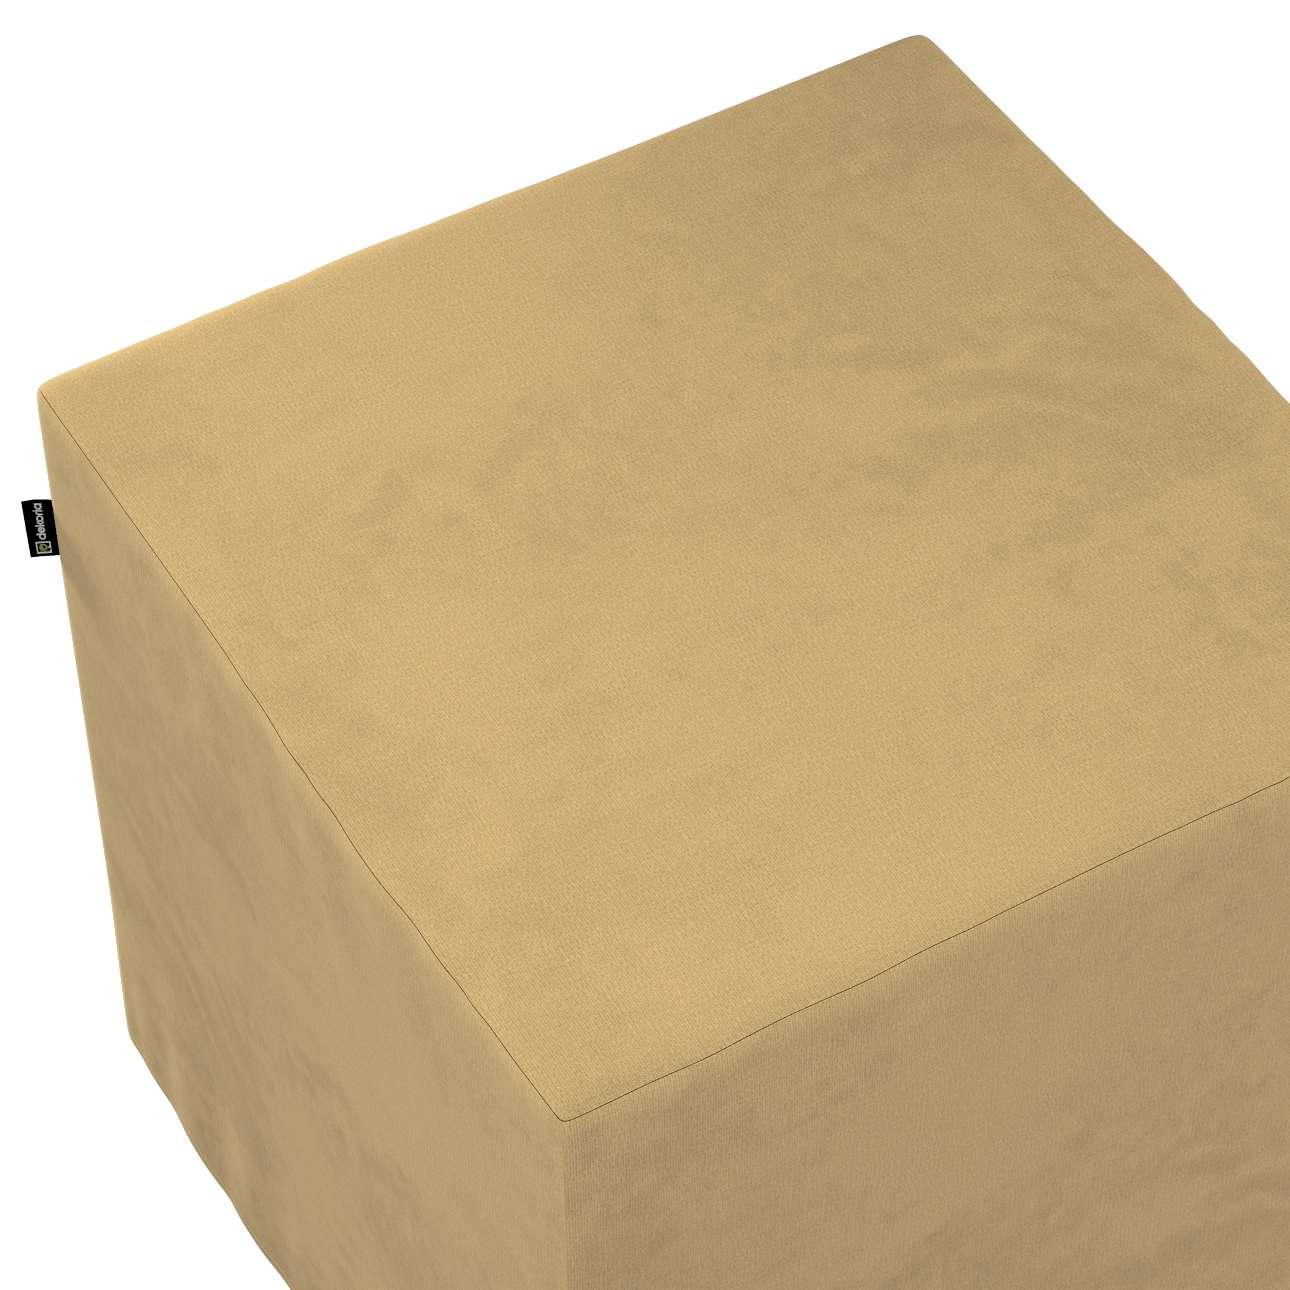 Sitzwürfel von der Kollektion Living II, Stoff: 160-93